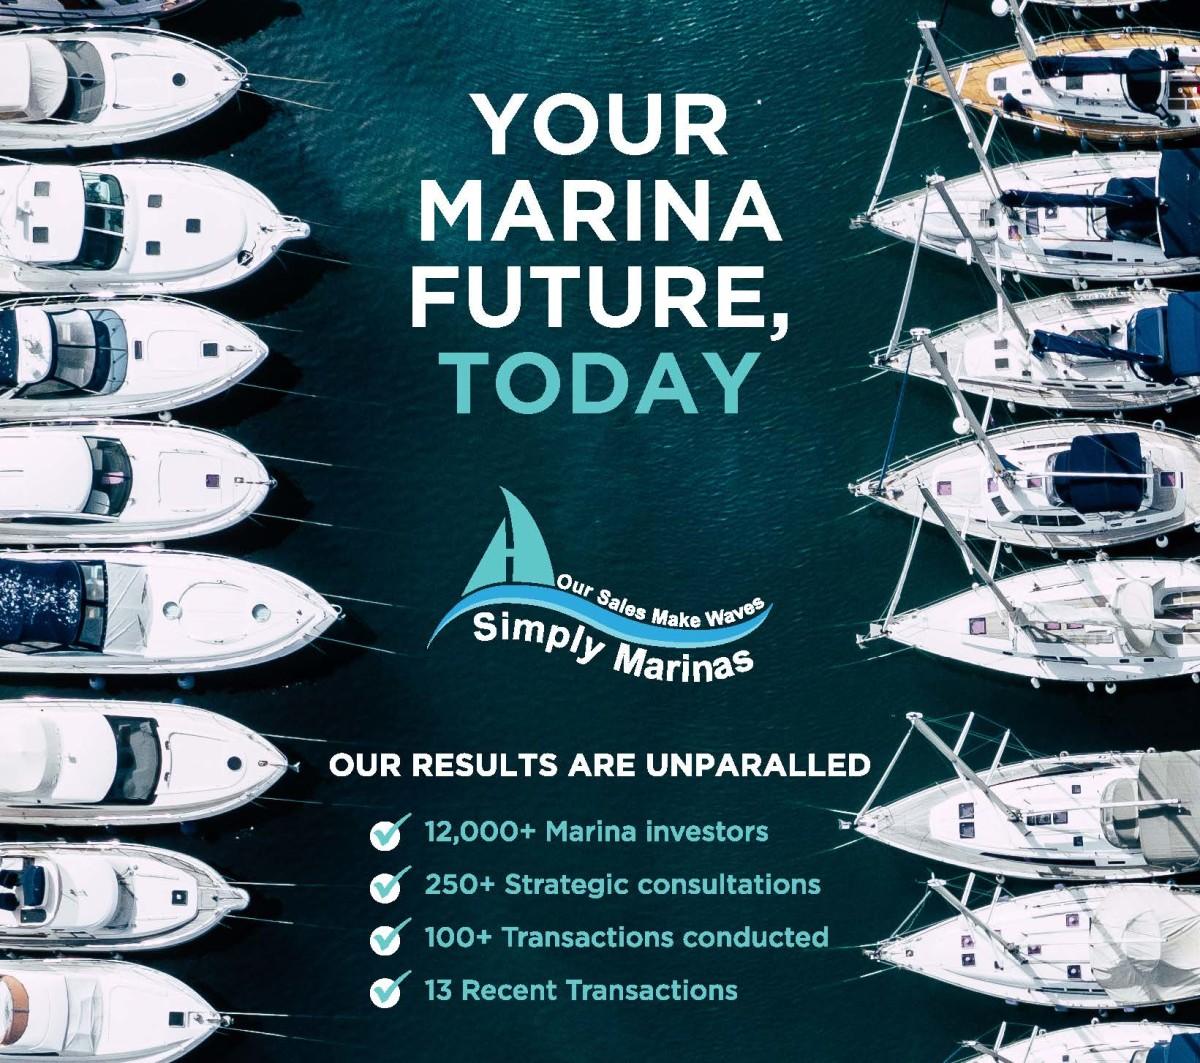 Simply Marinas Your Marina Future